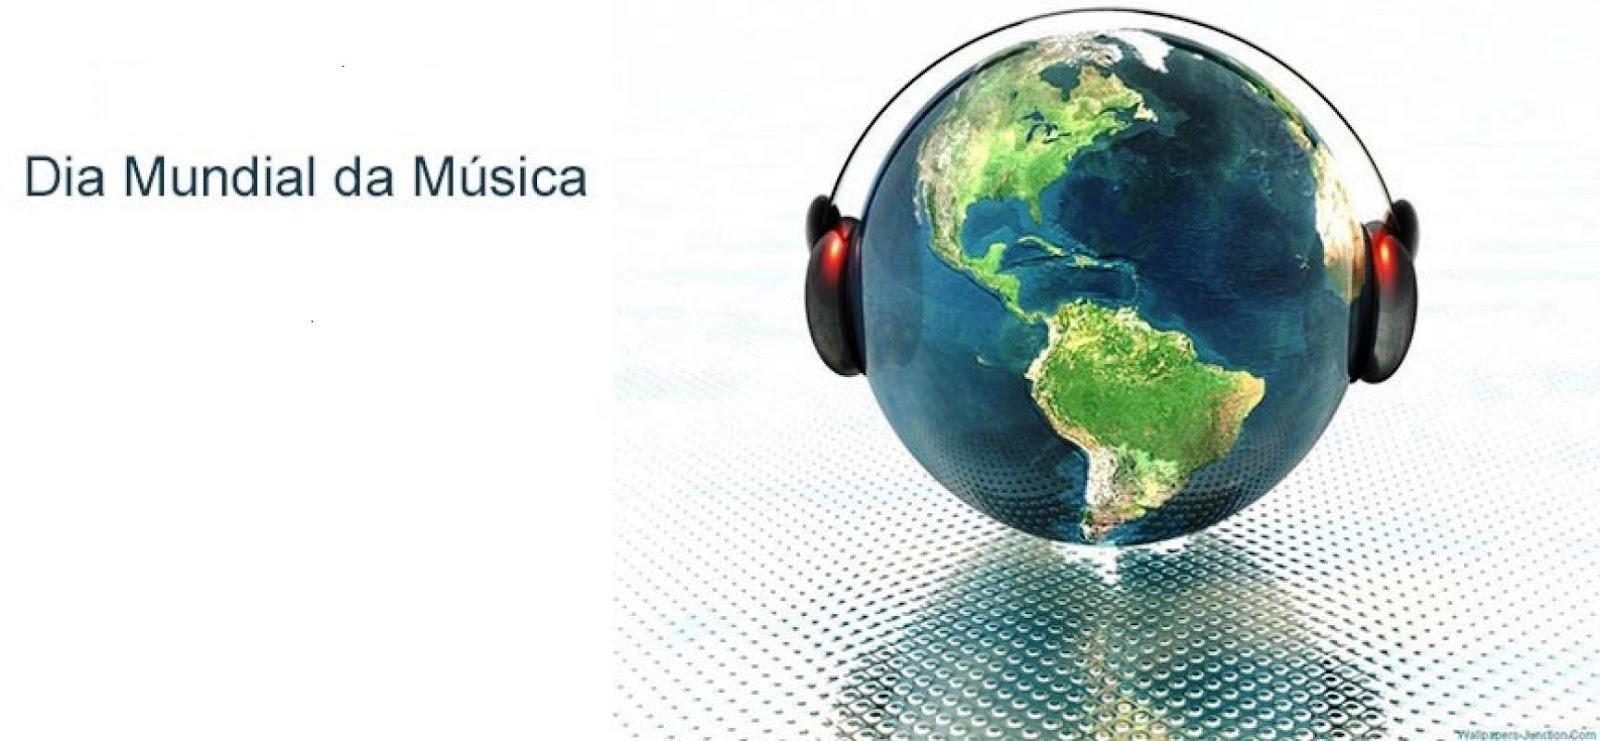 Resultado de imagem para dia mundial da musica